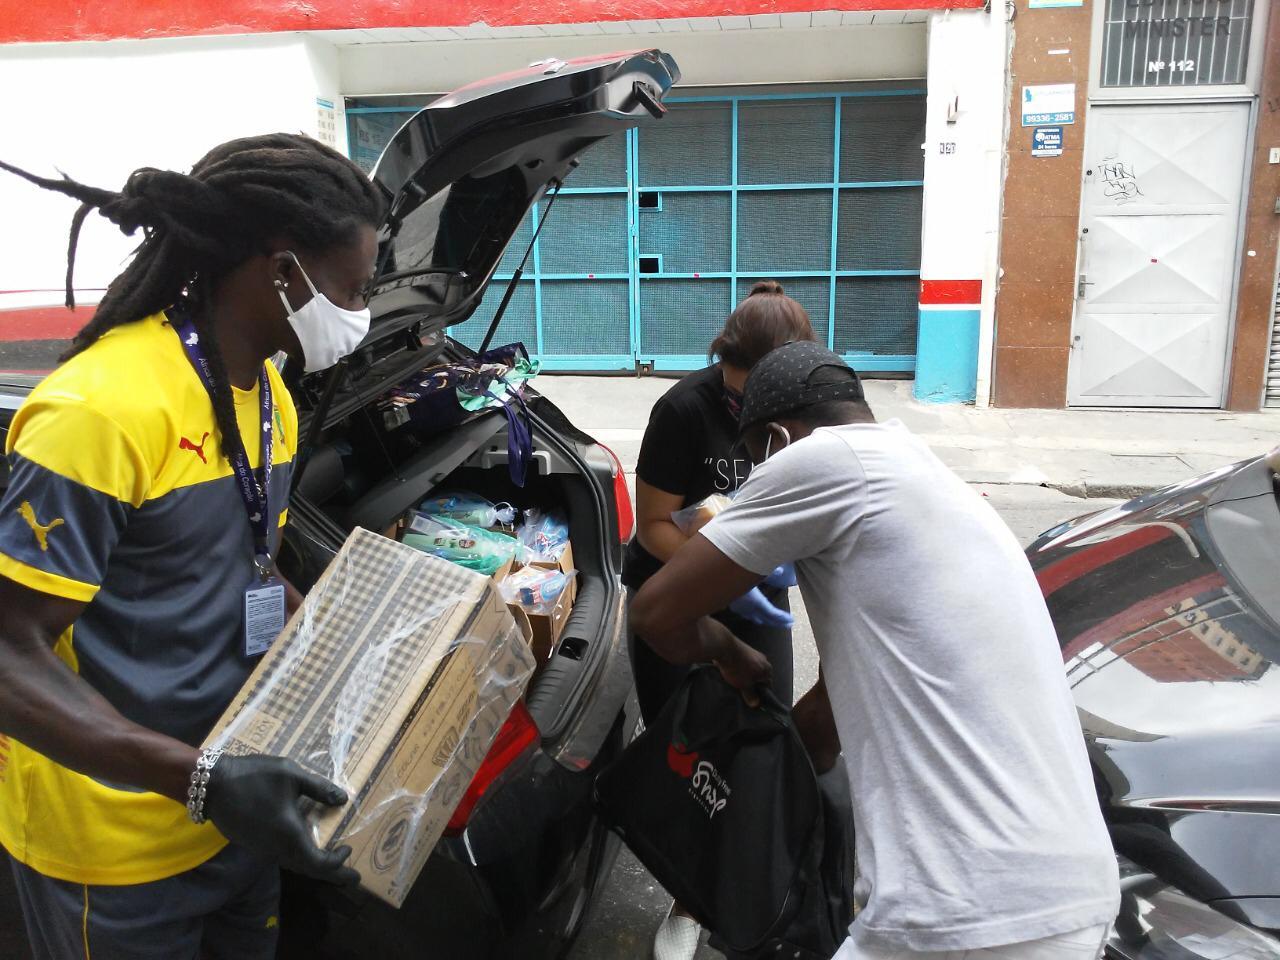 Entrega de doações de cestas básicas e kits de higiene em São Paulo pela África do Coração, ONG formada por imigrantes e refugiados